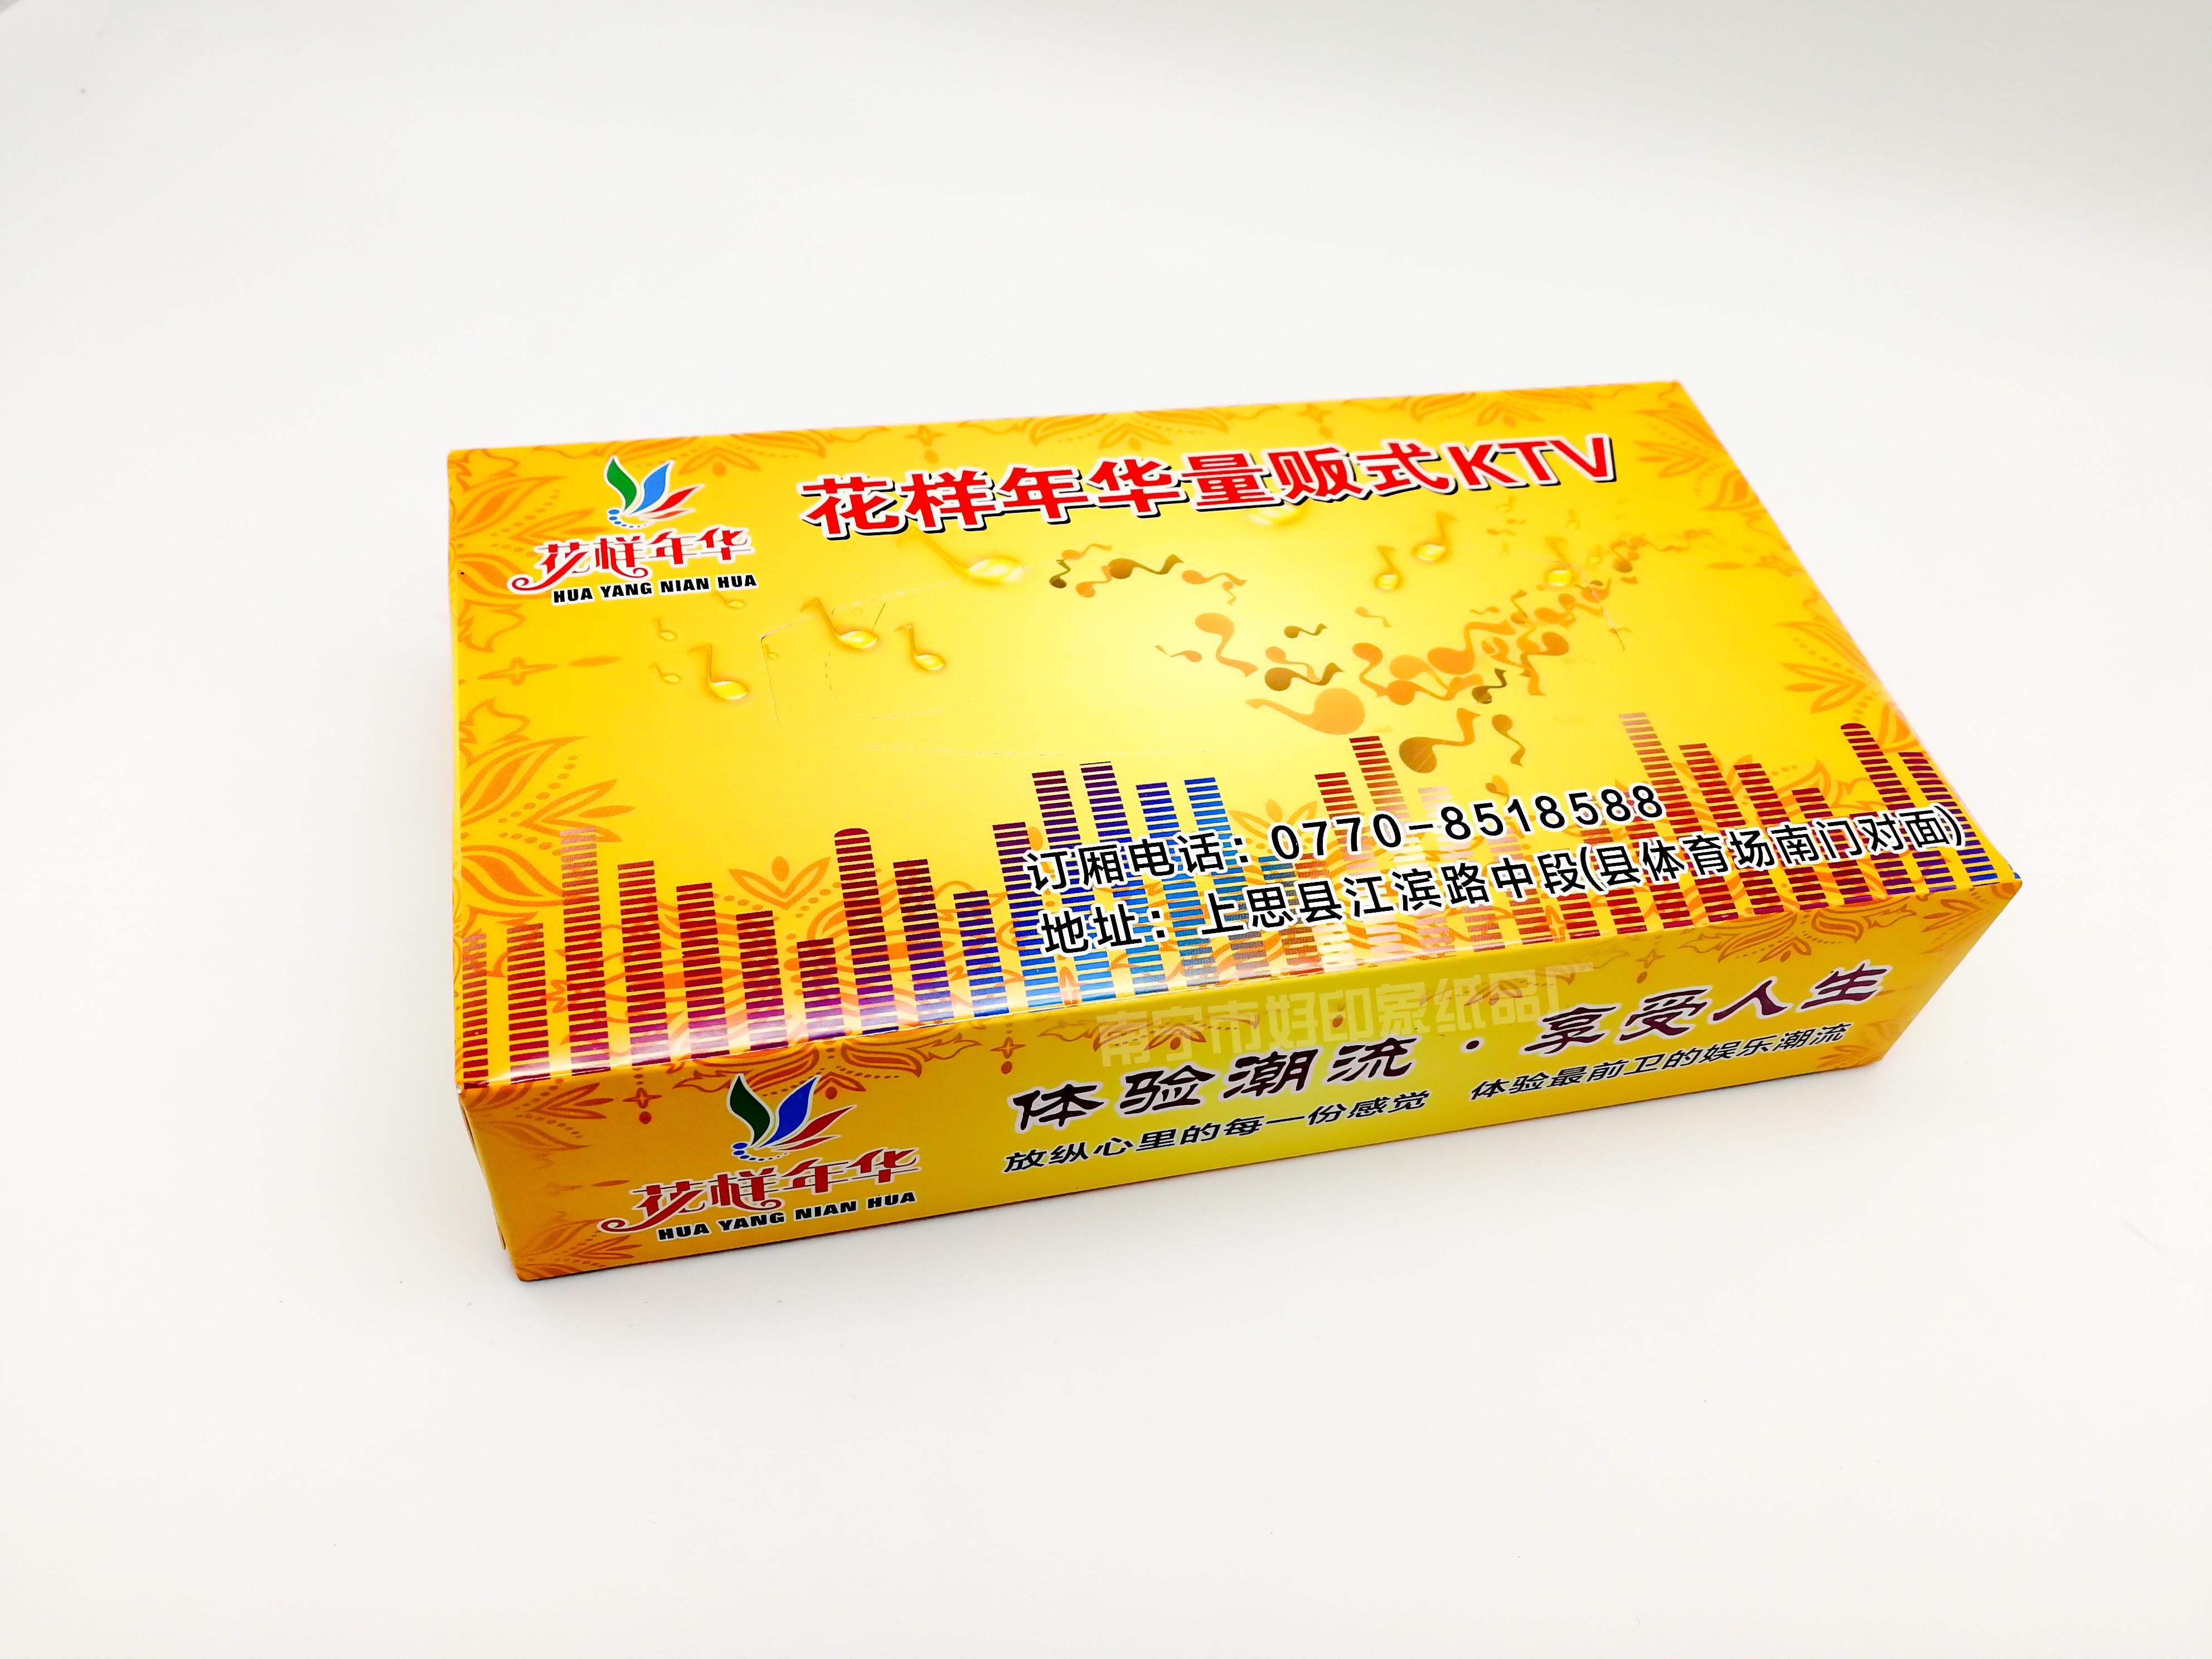 上思花样年华KTV广告盒装纸巾定制批发厂家-南宁好印象纸品厂